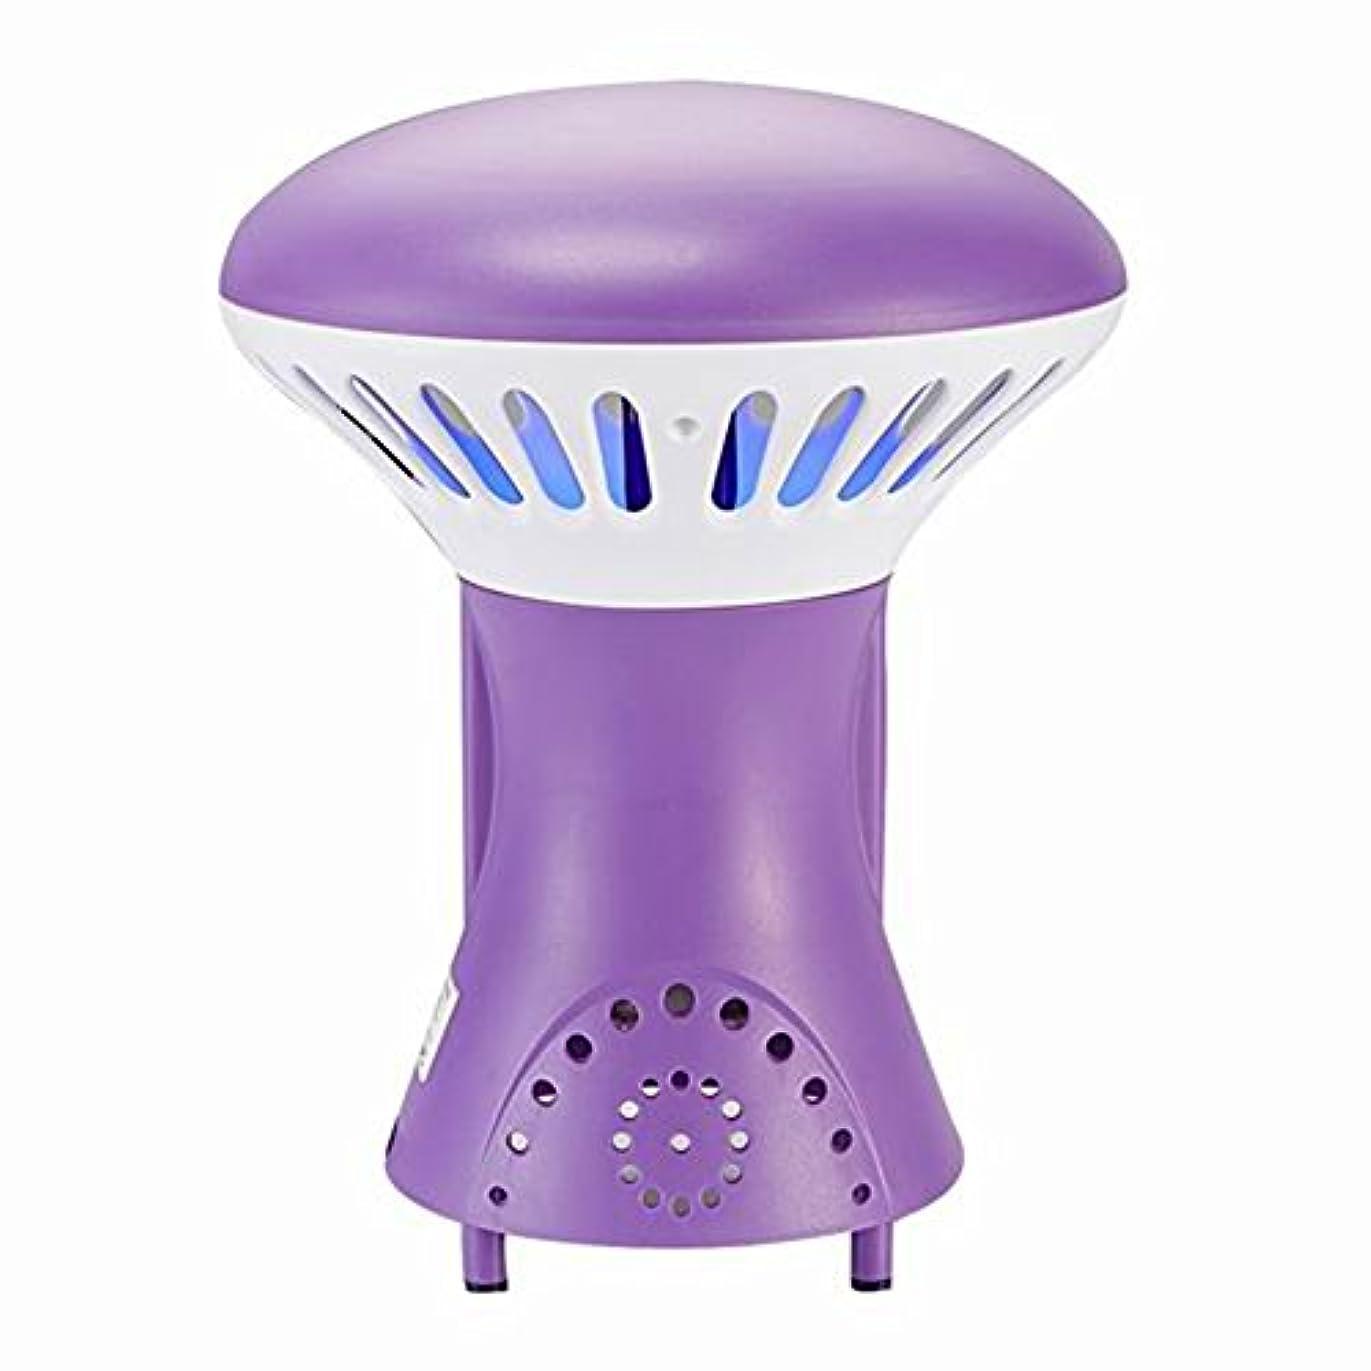 発生浴室提唱するWENZHE 蚊対策 殺虫器灯 誘虫灯 虫除け インドア 光触媒 吸入タイプ ホーム ベッドルーム サイレント 放射線、 240×300mm